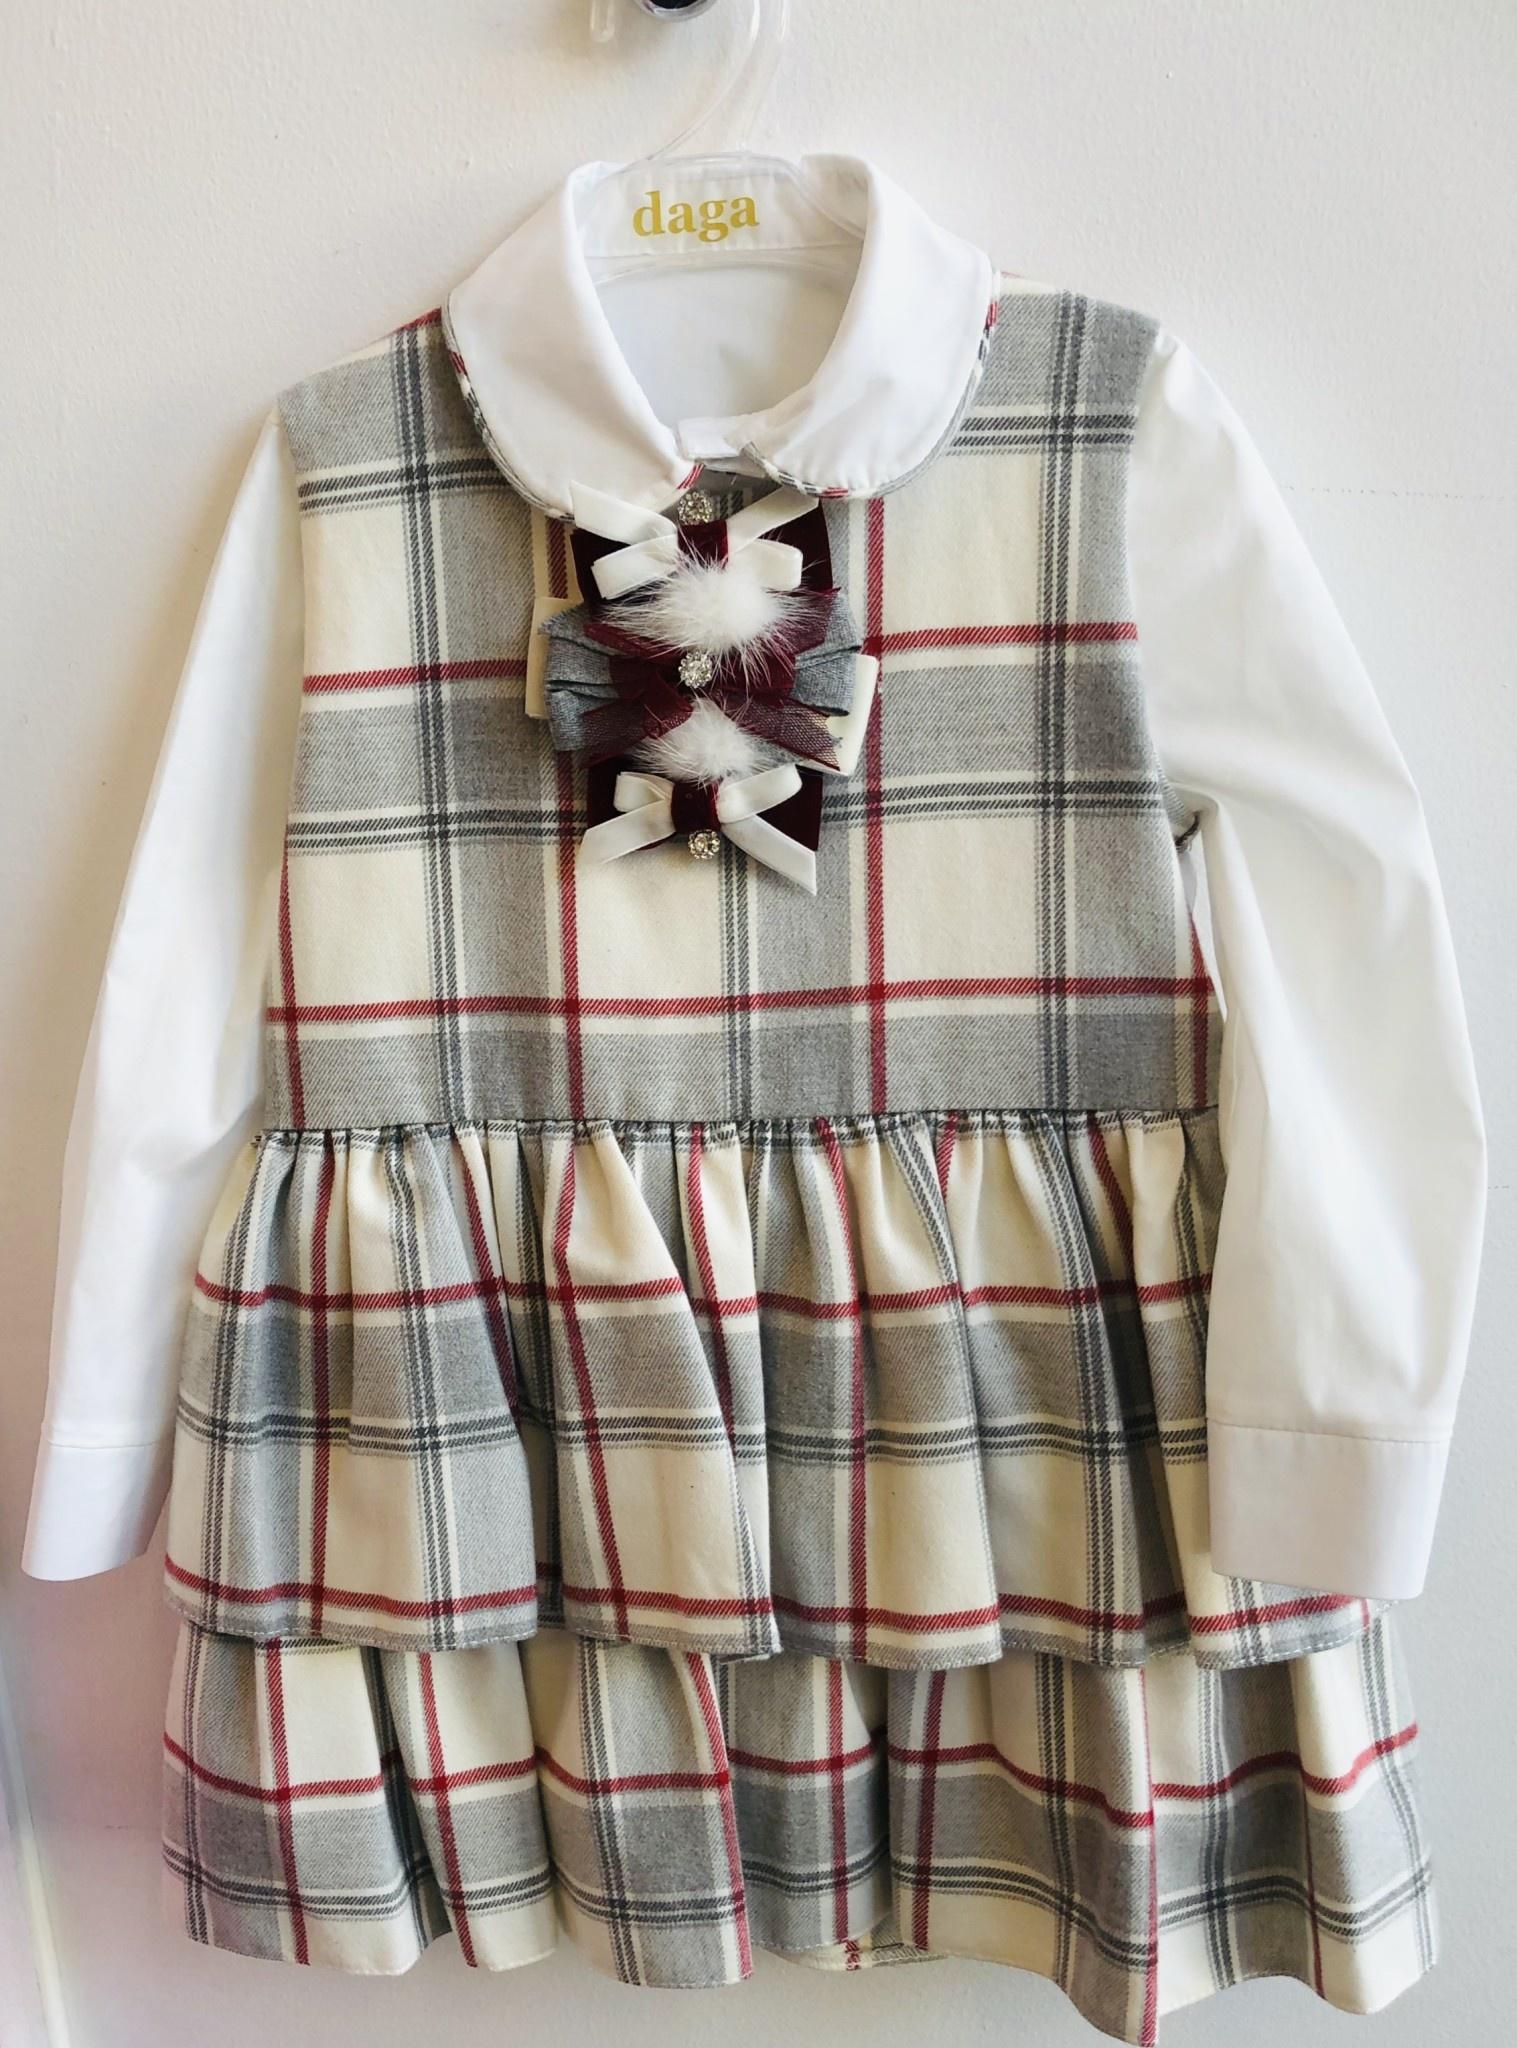 Daga Daga Tartan Dress & Shirt 2 Piece Set